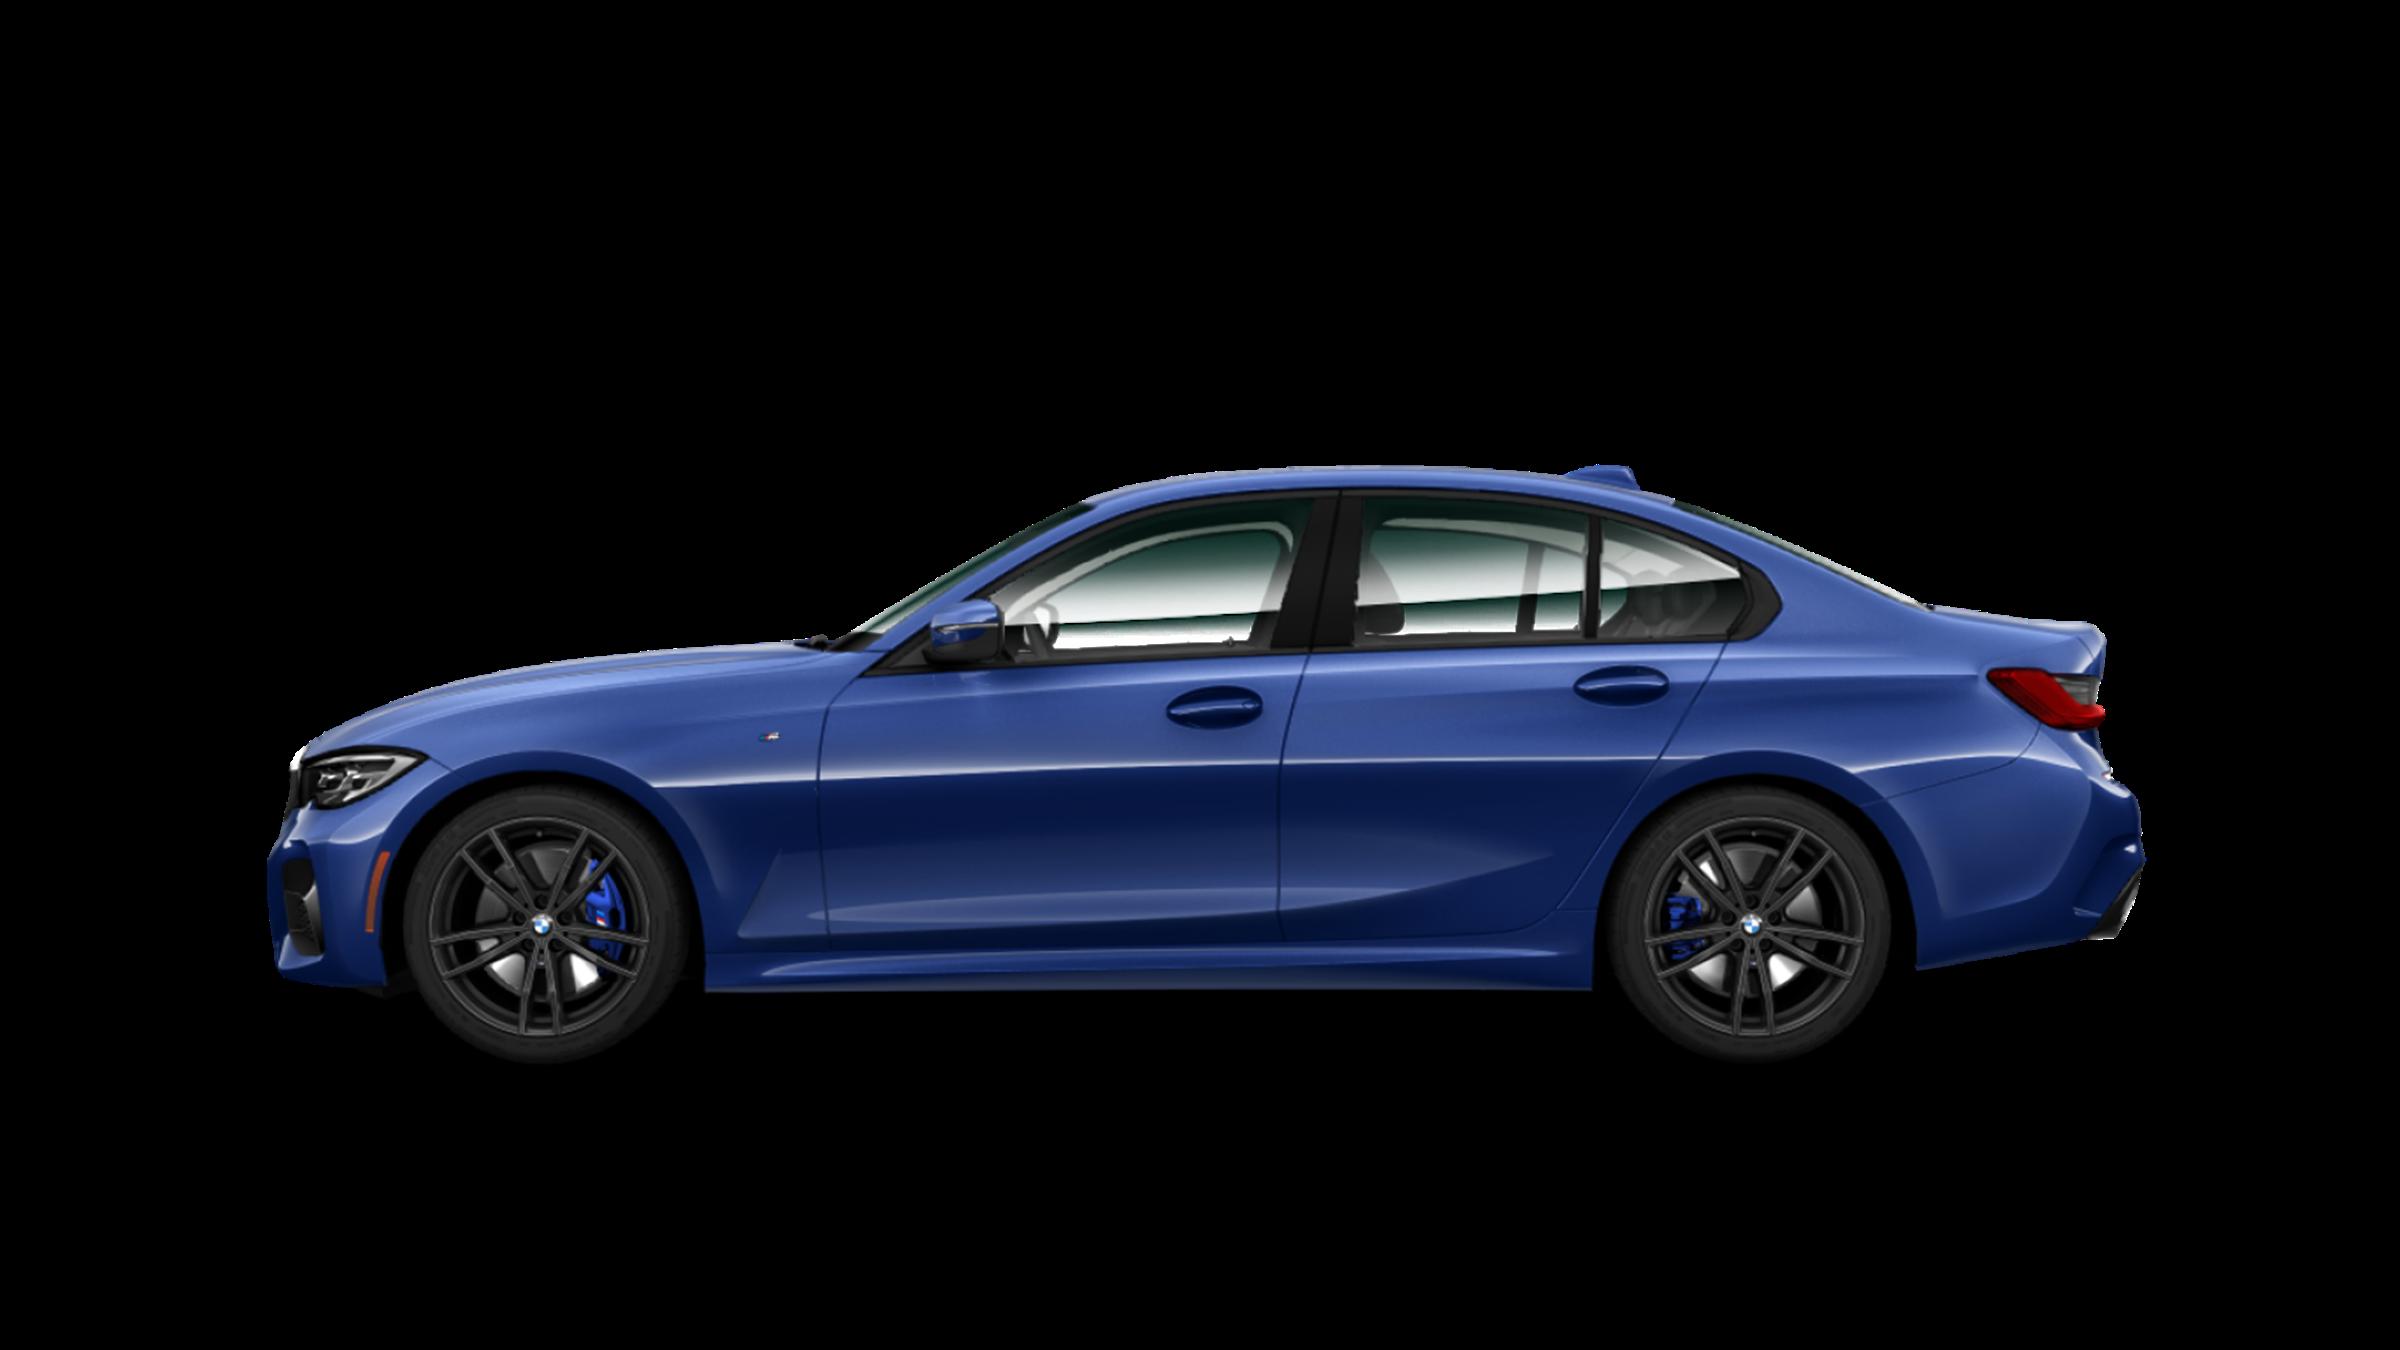 BMW serii 3 G20